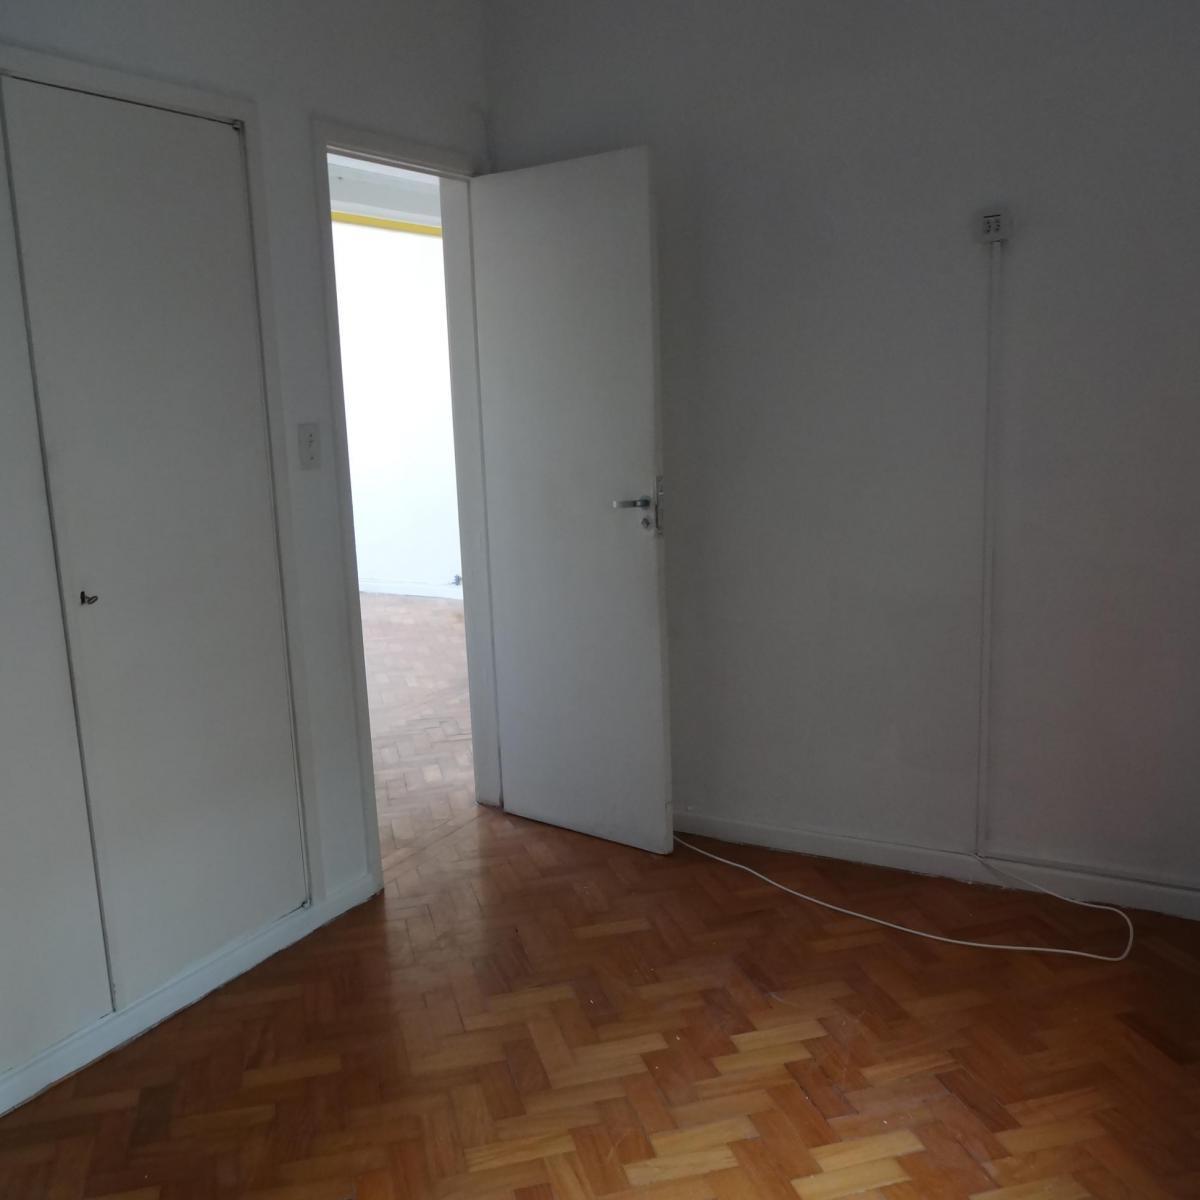 Imovelweb Apartamentos Aluguel Rio De Janeiro Rio de Janeiro Santa  #8A7D41 1200x1200 Aluguel De Container Banheiro Rj